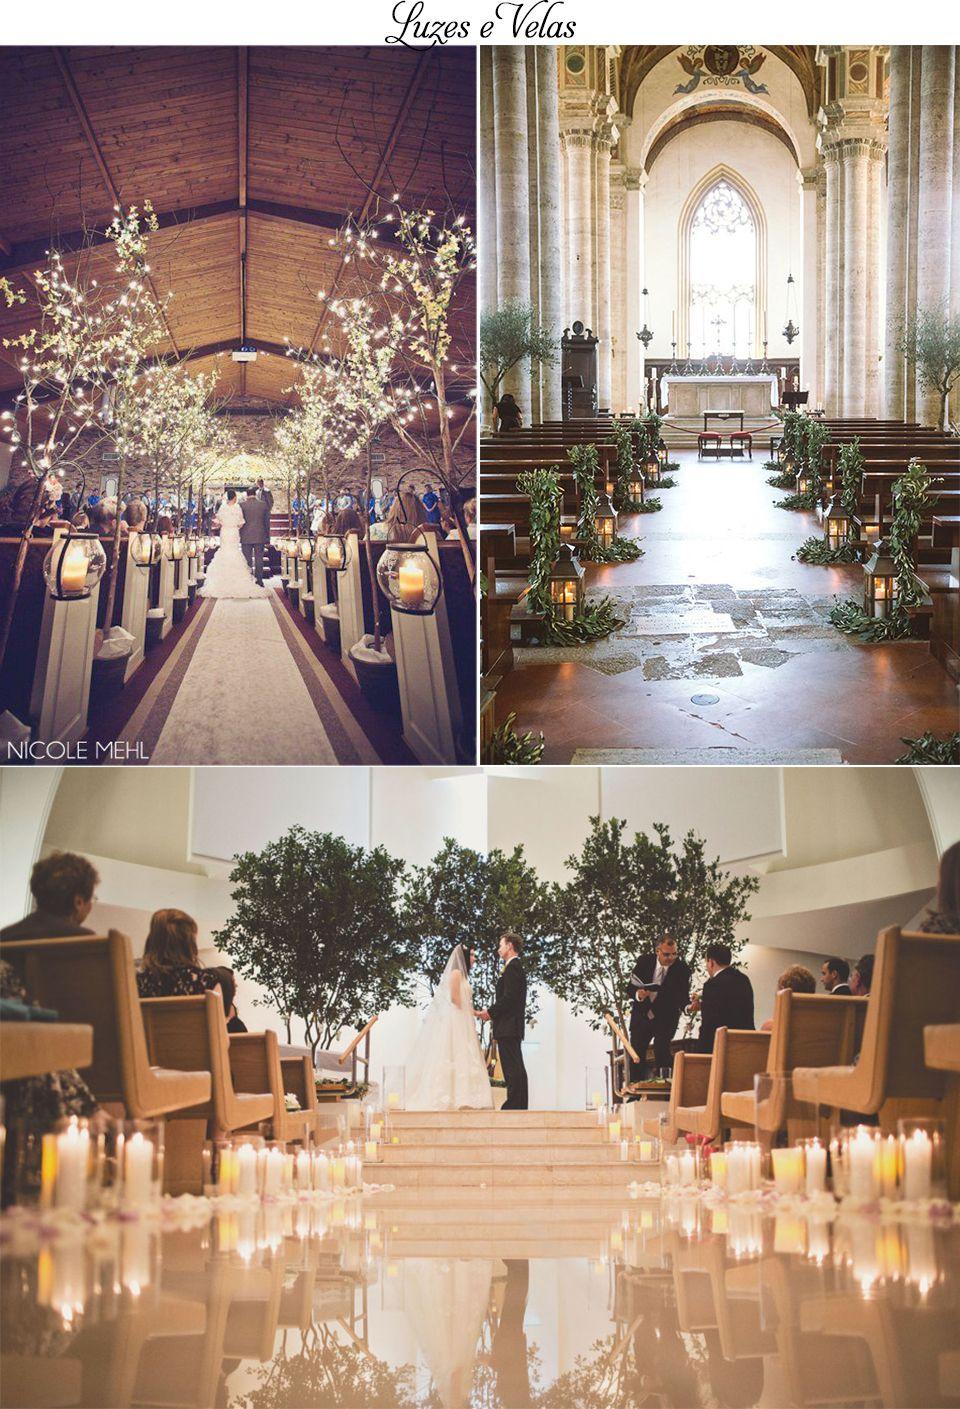 Ideias para decorar um casamento em igreja                                                                                                                                                                                 Mais